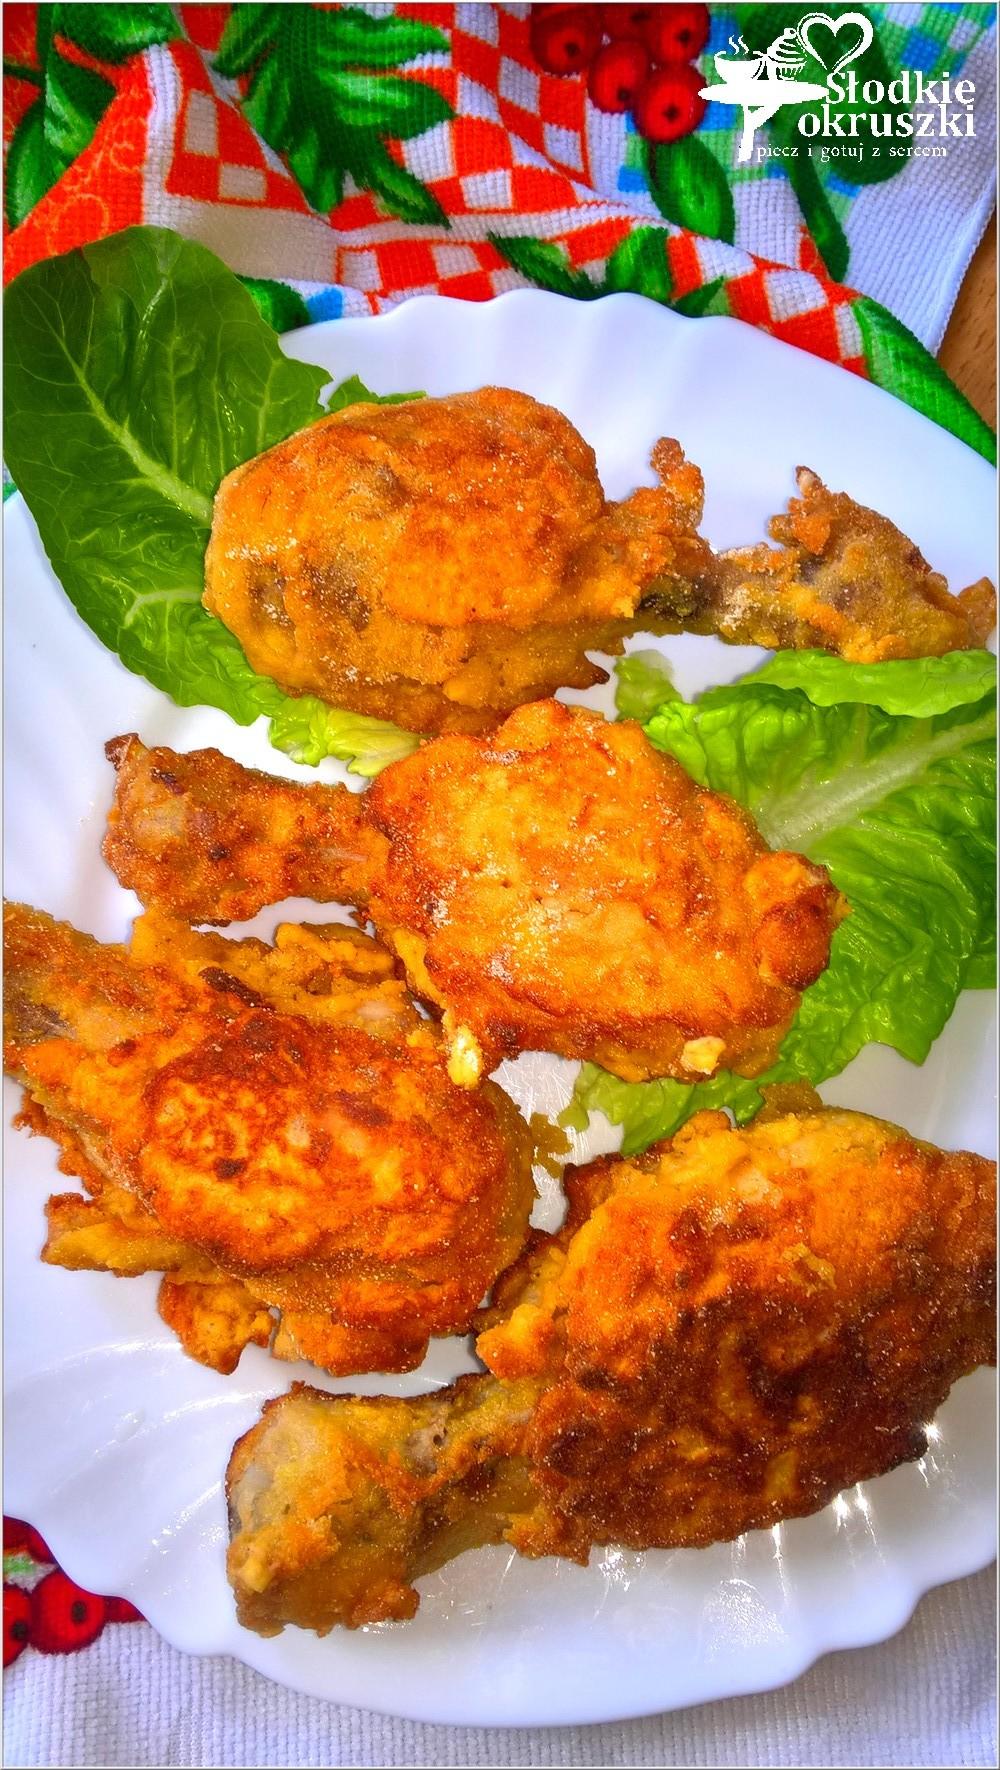 Kurczak w chrupiącej maślankowej panierce (3)